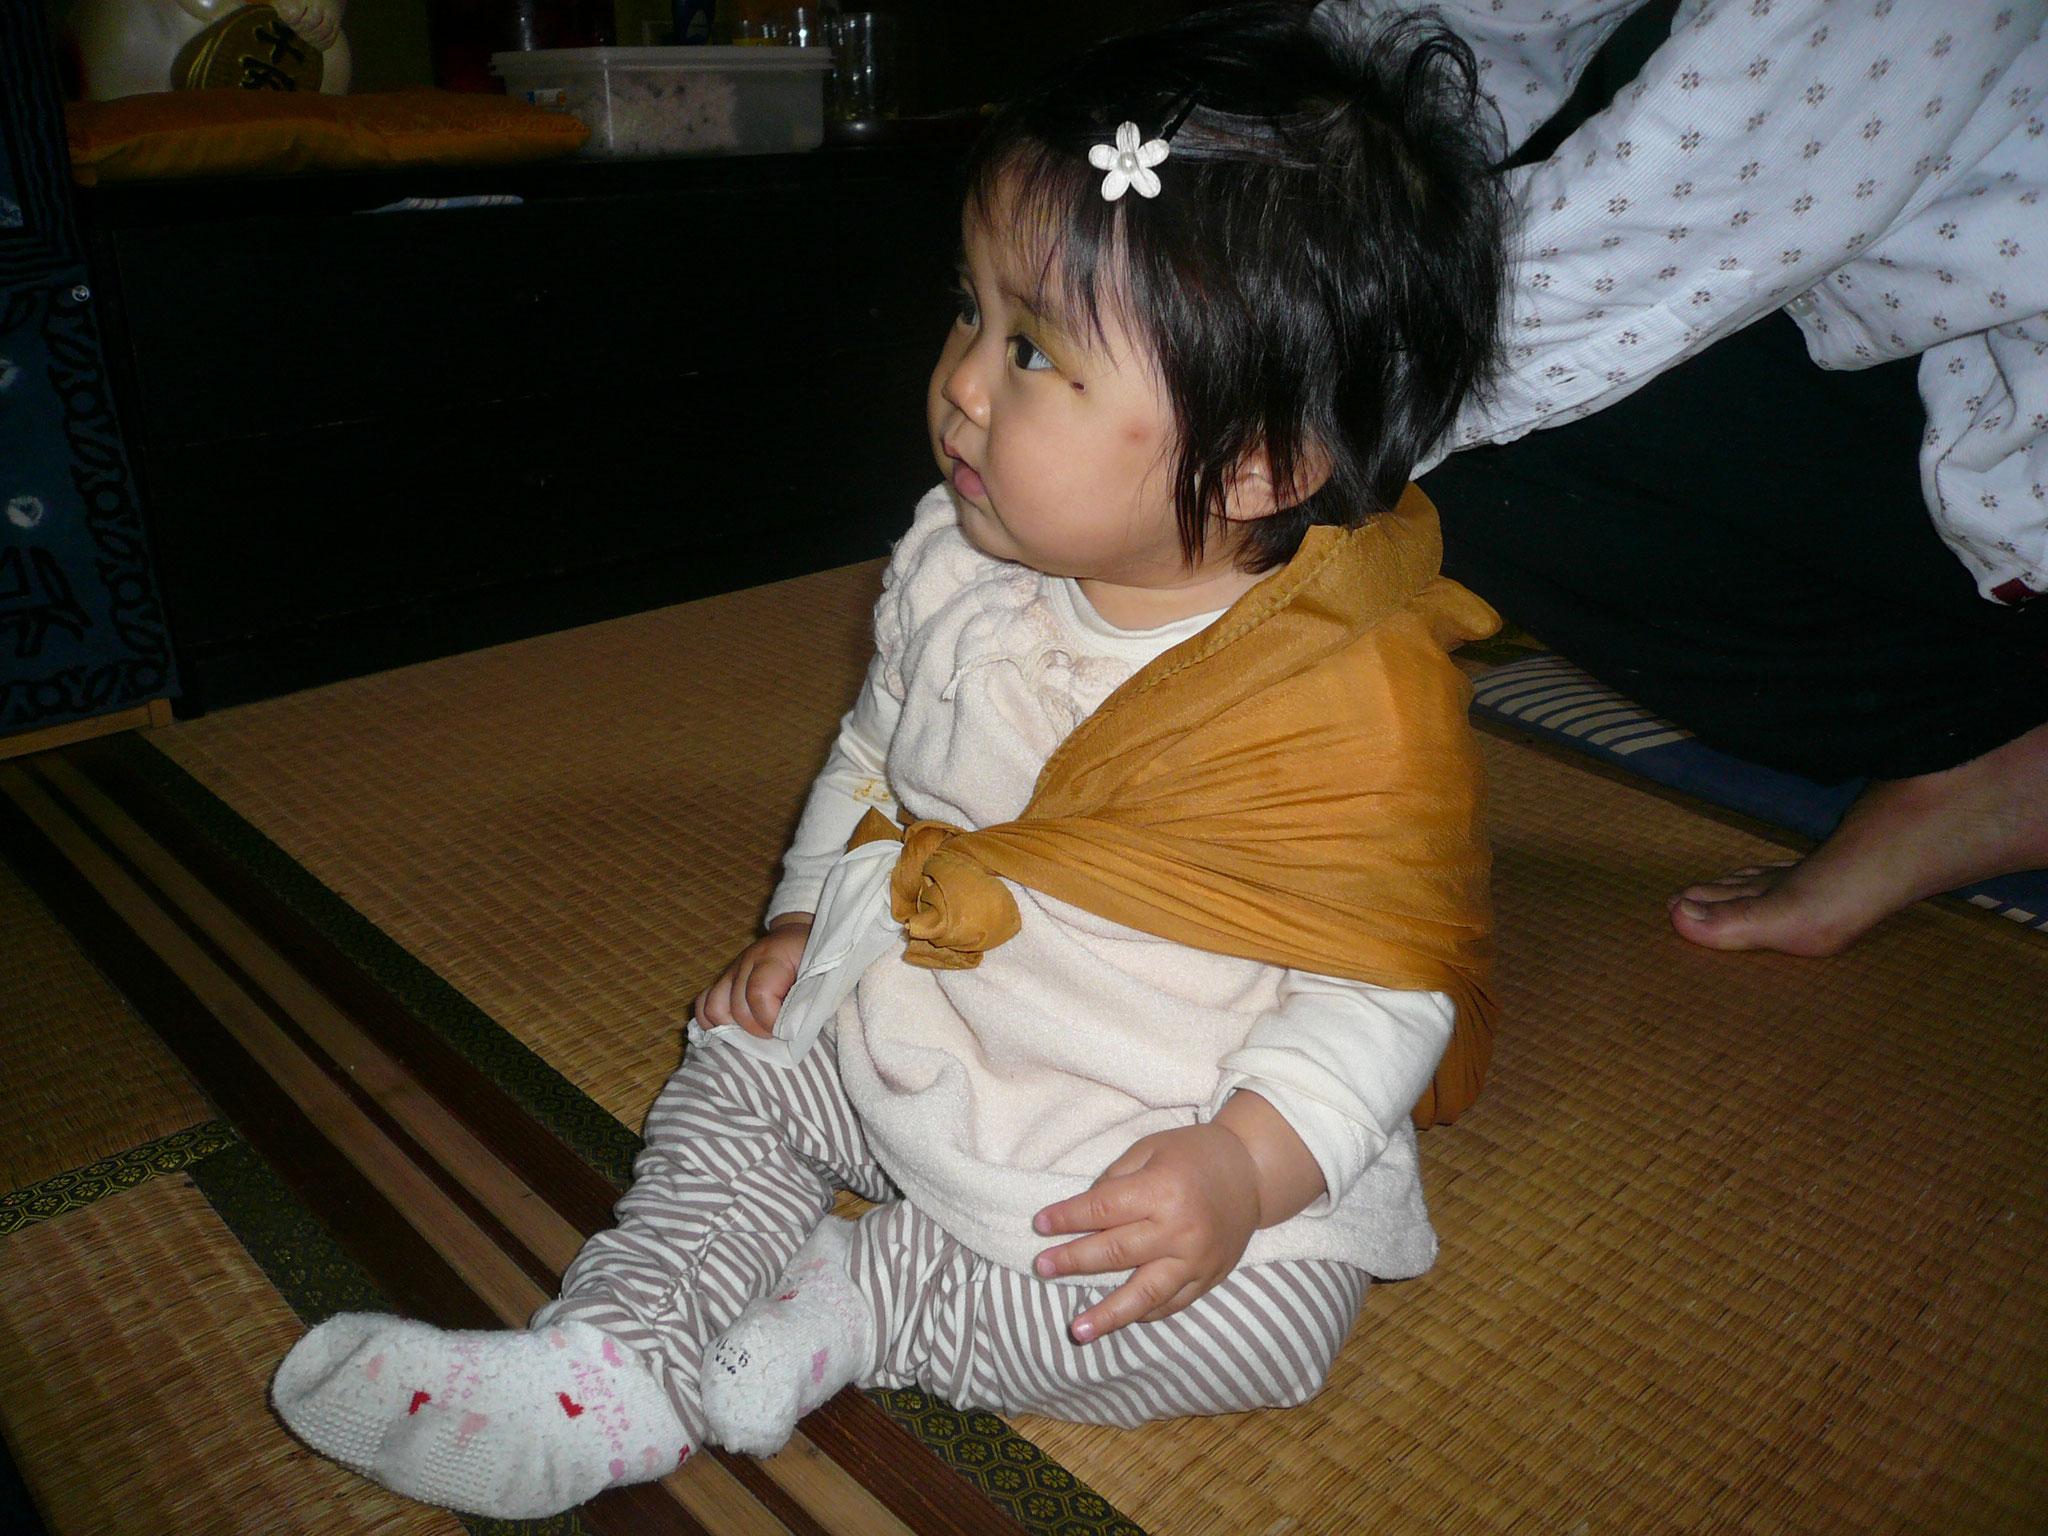 誕生餅・赤飯の事なら『いまやす』(岐阜県美濃加茂市中山道太田宿)